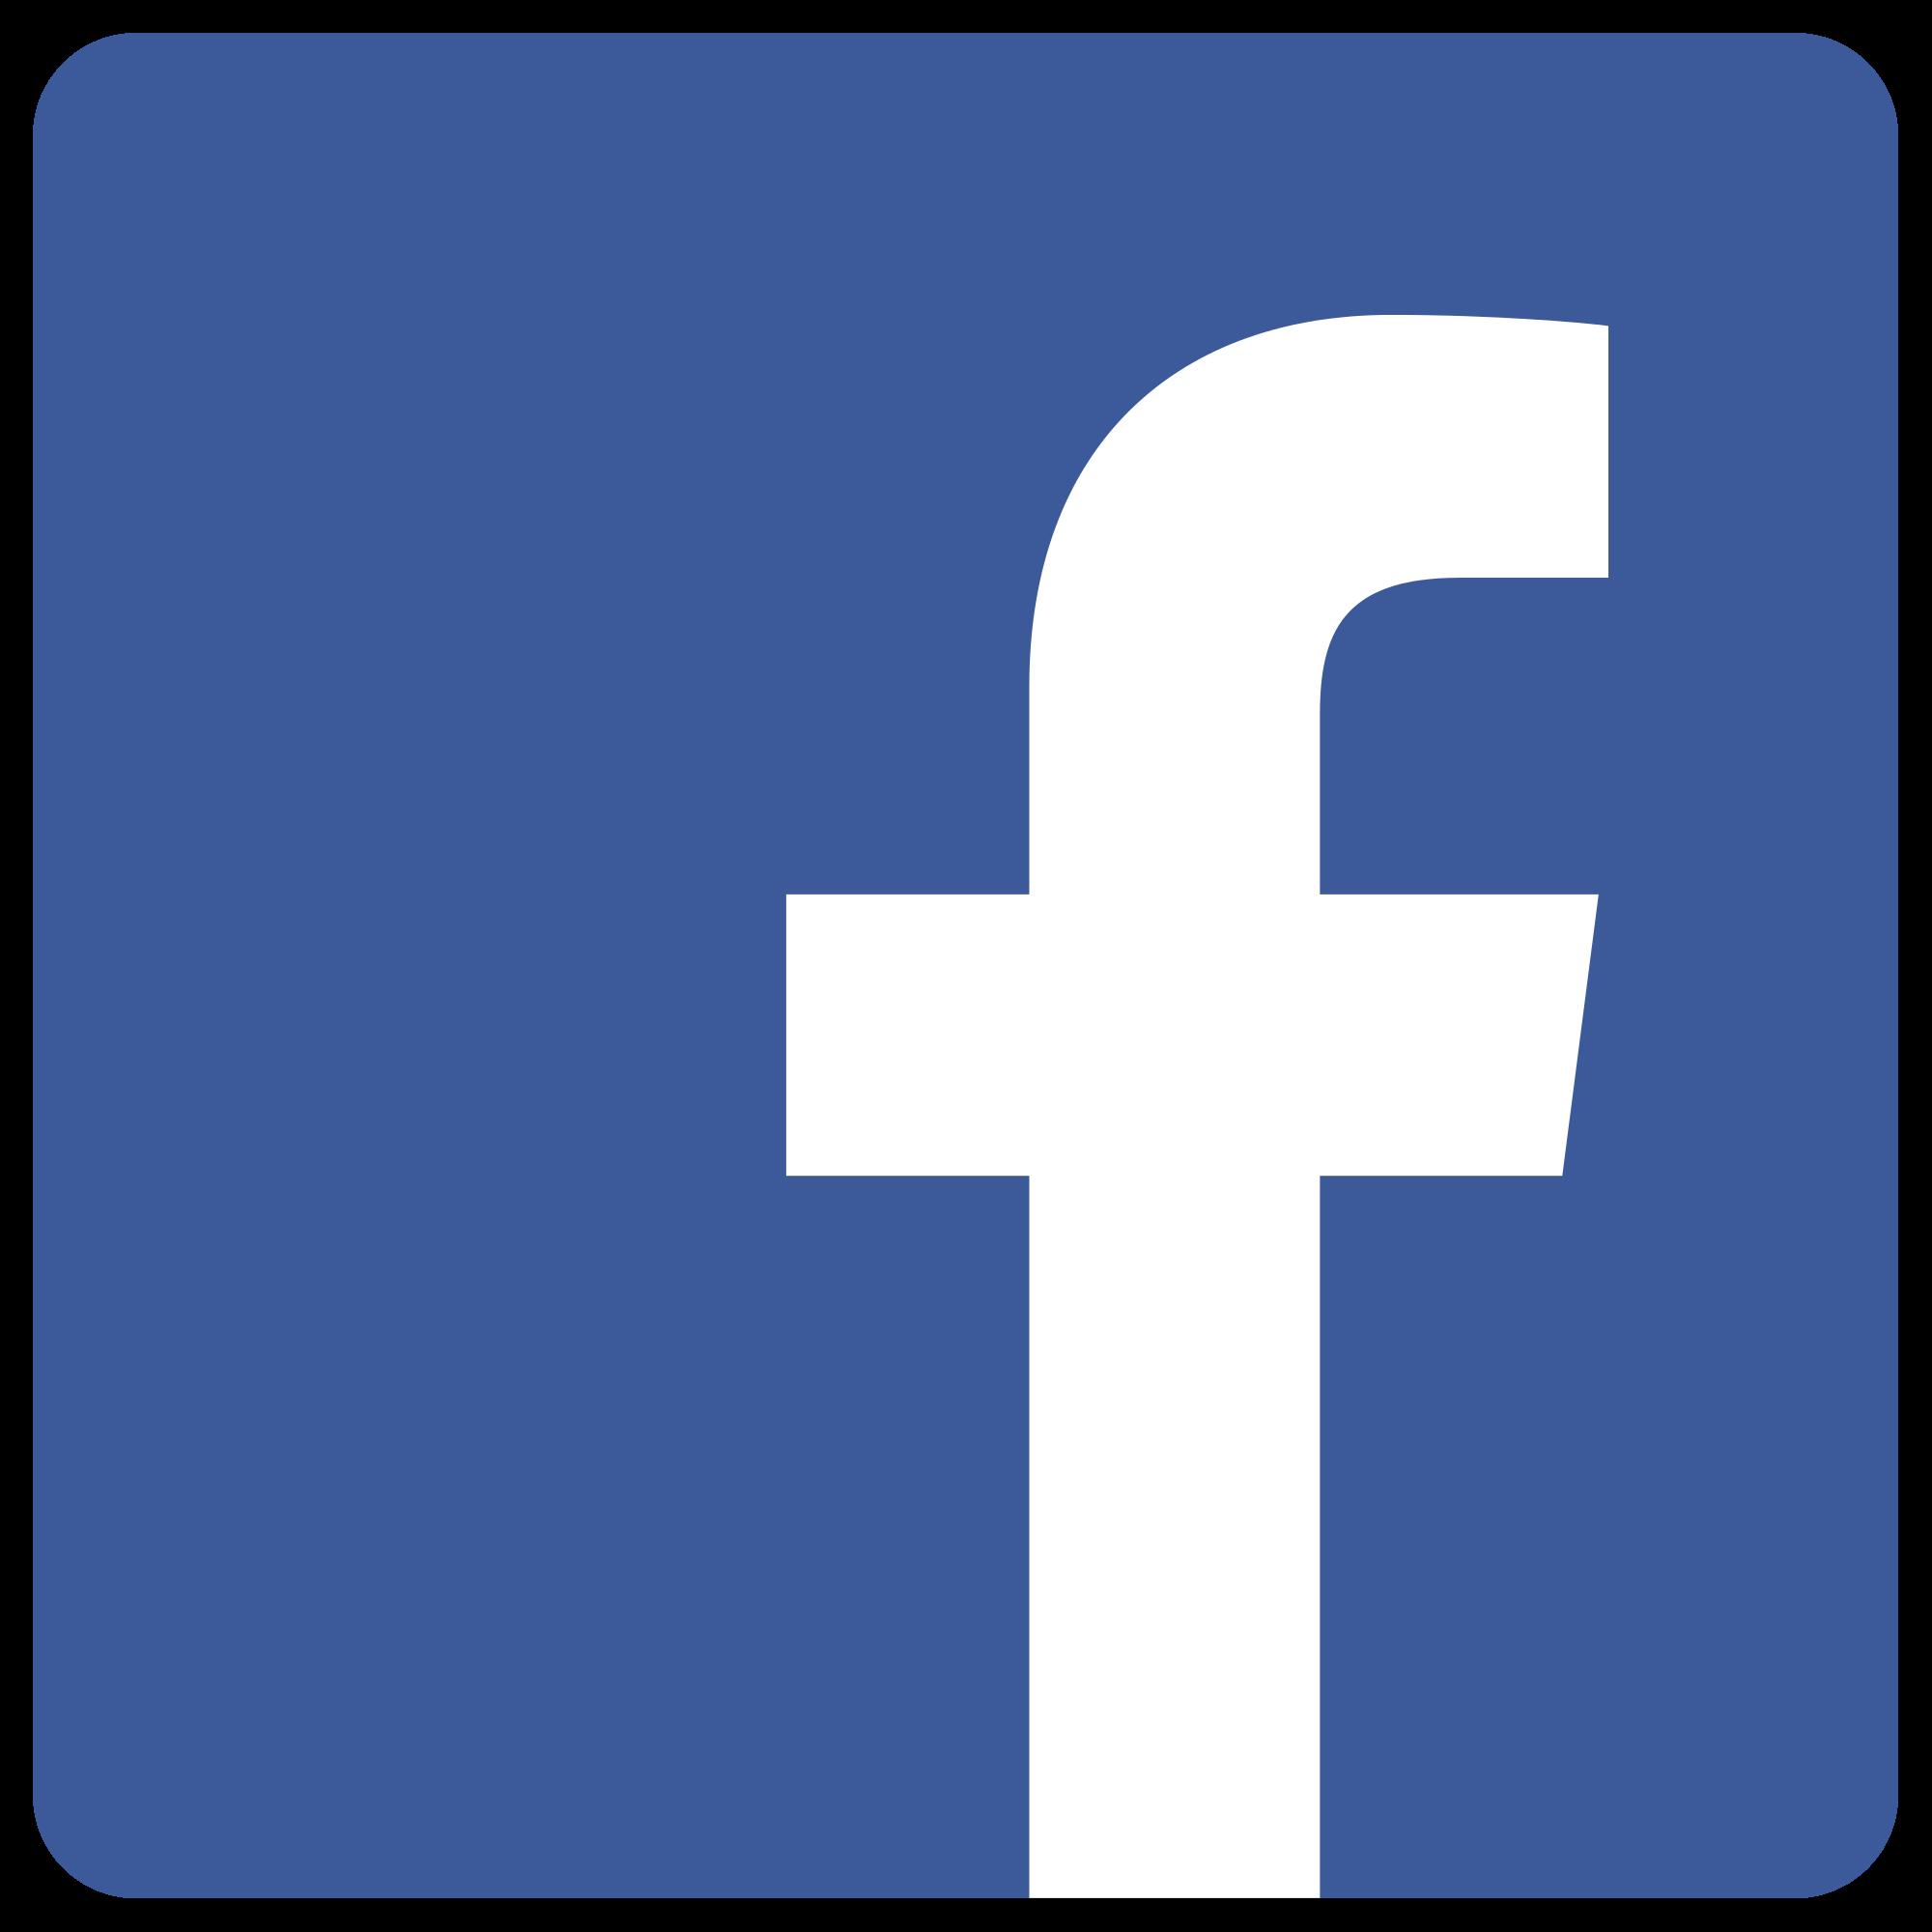 E. A. S. G. Curator Facebook